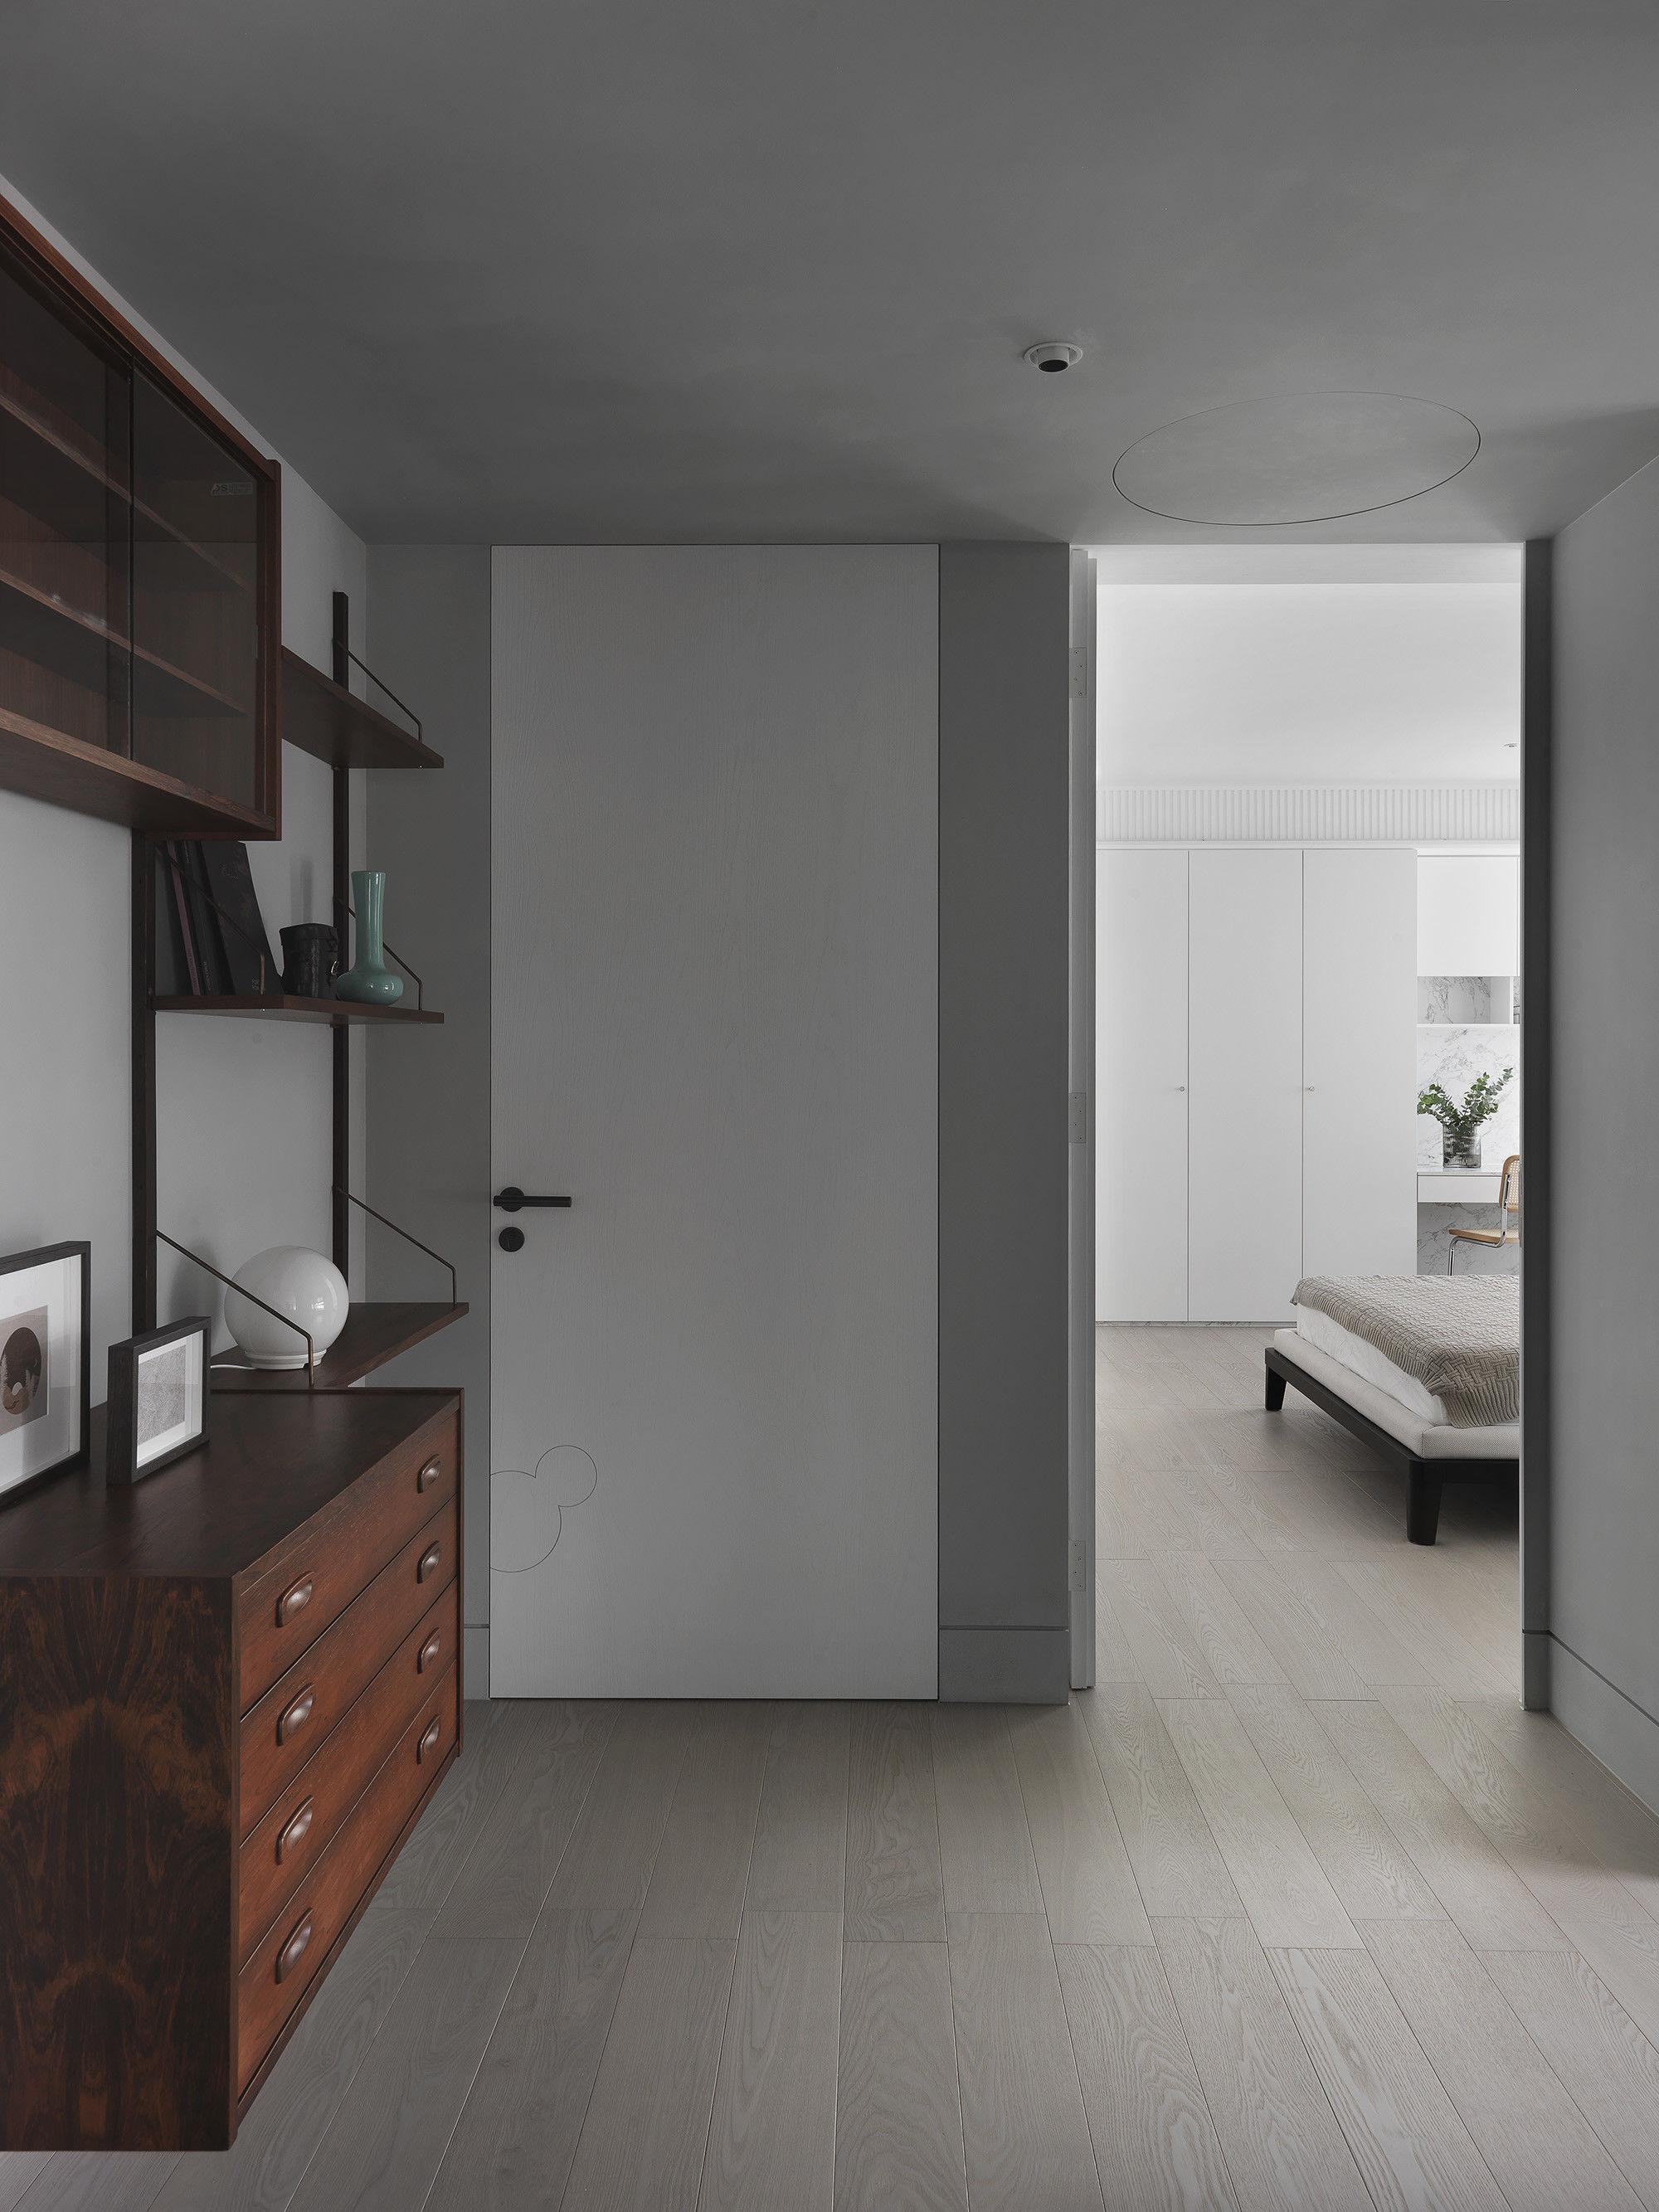 台中 分子室內裝修設計 - 單層電梯大樓 - 現代風住宅設計 - 全室舊屋翻新 - 北歐家具